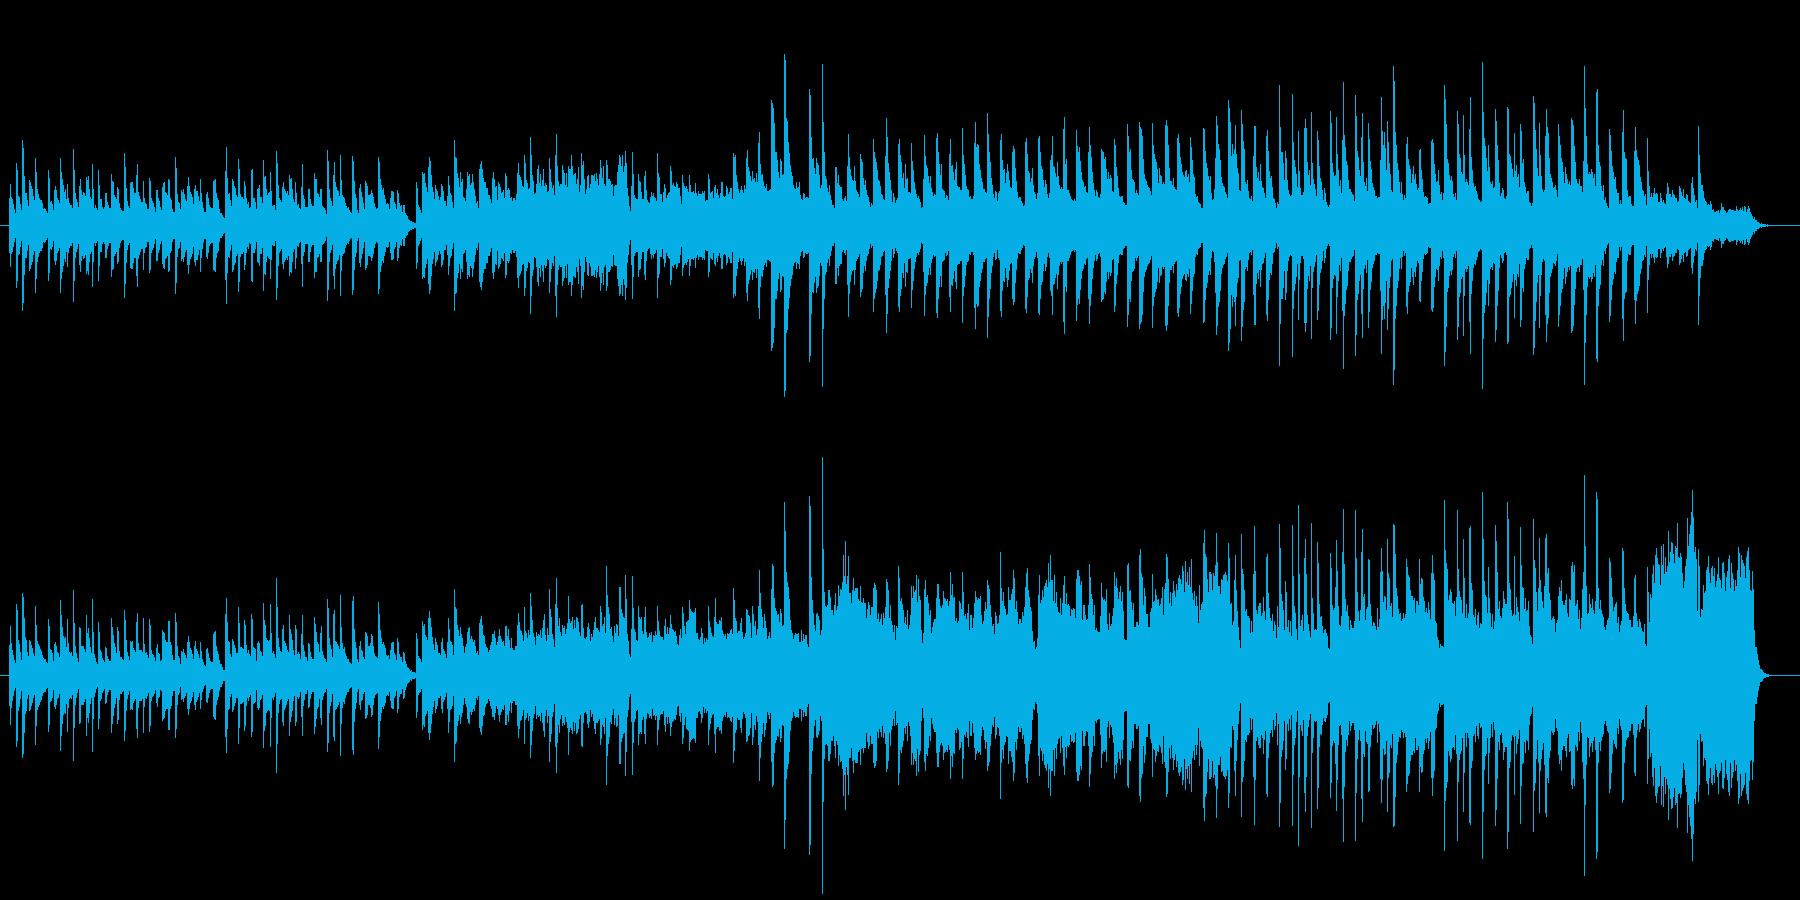 涙を誘う感動シーンに使えるバラード曲の再生済みの波形